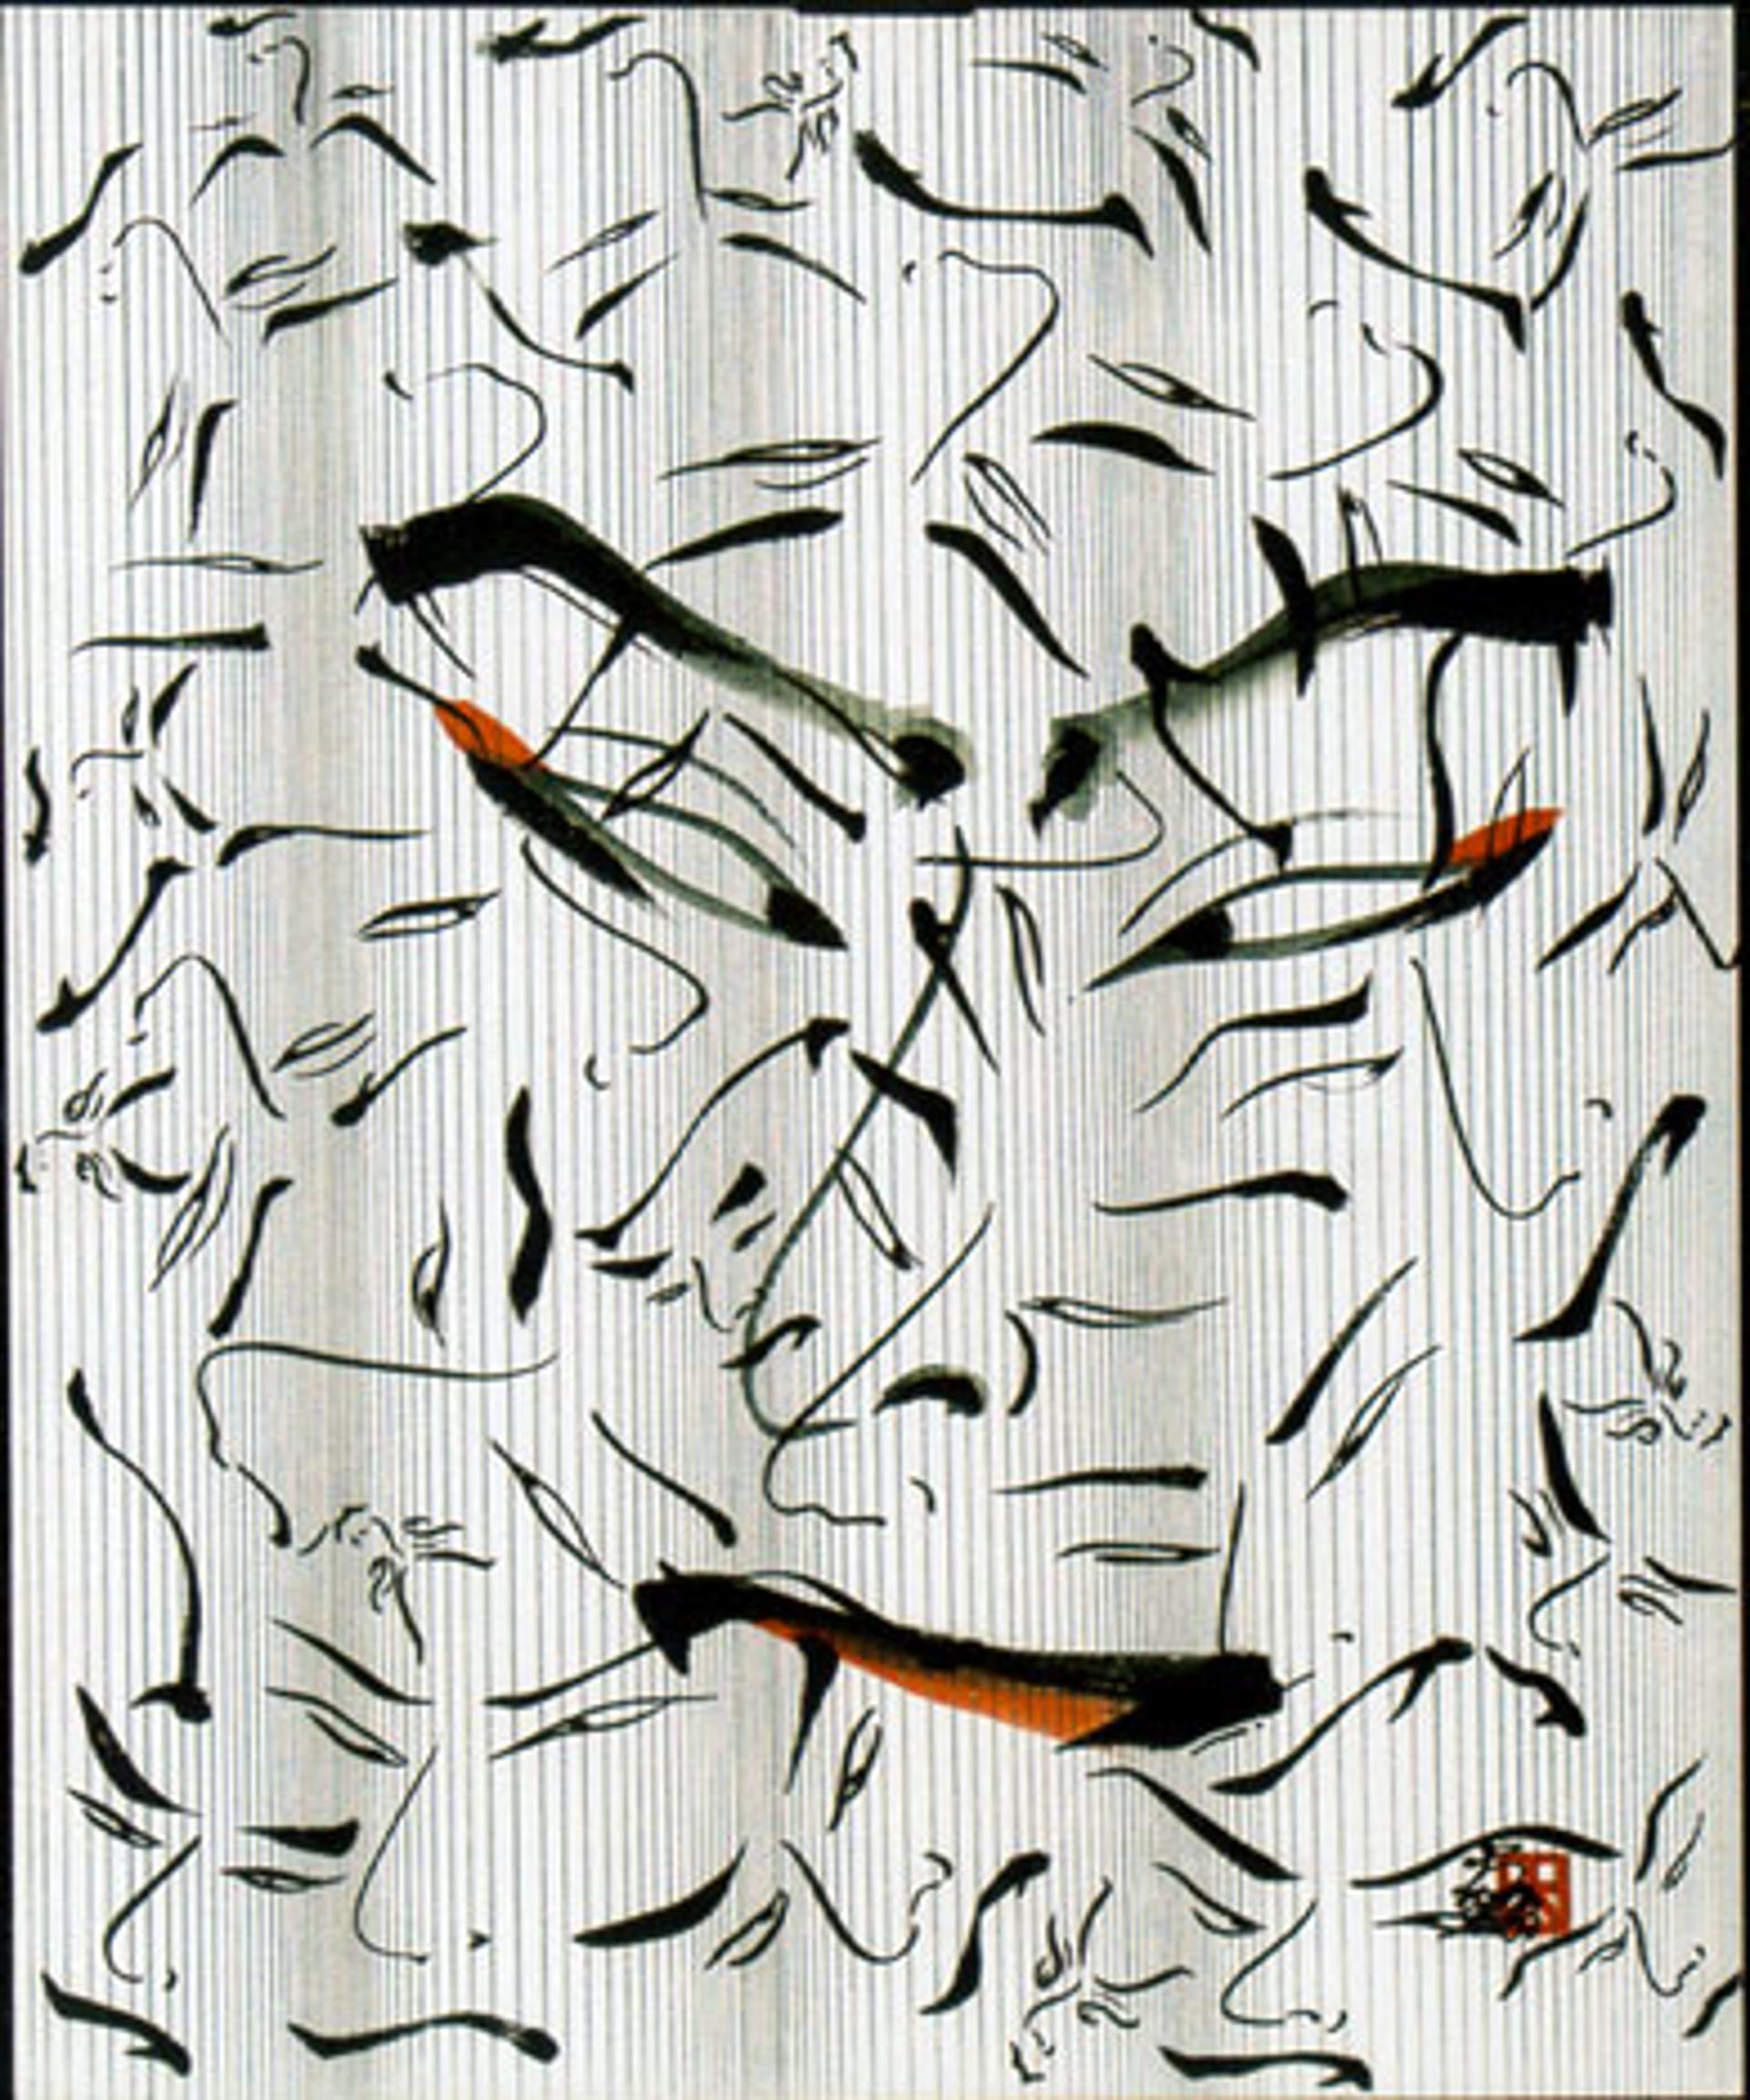 Kabuki Faces by Hisashi Otsuka